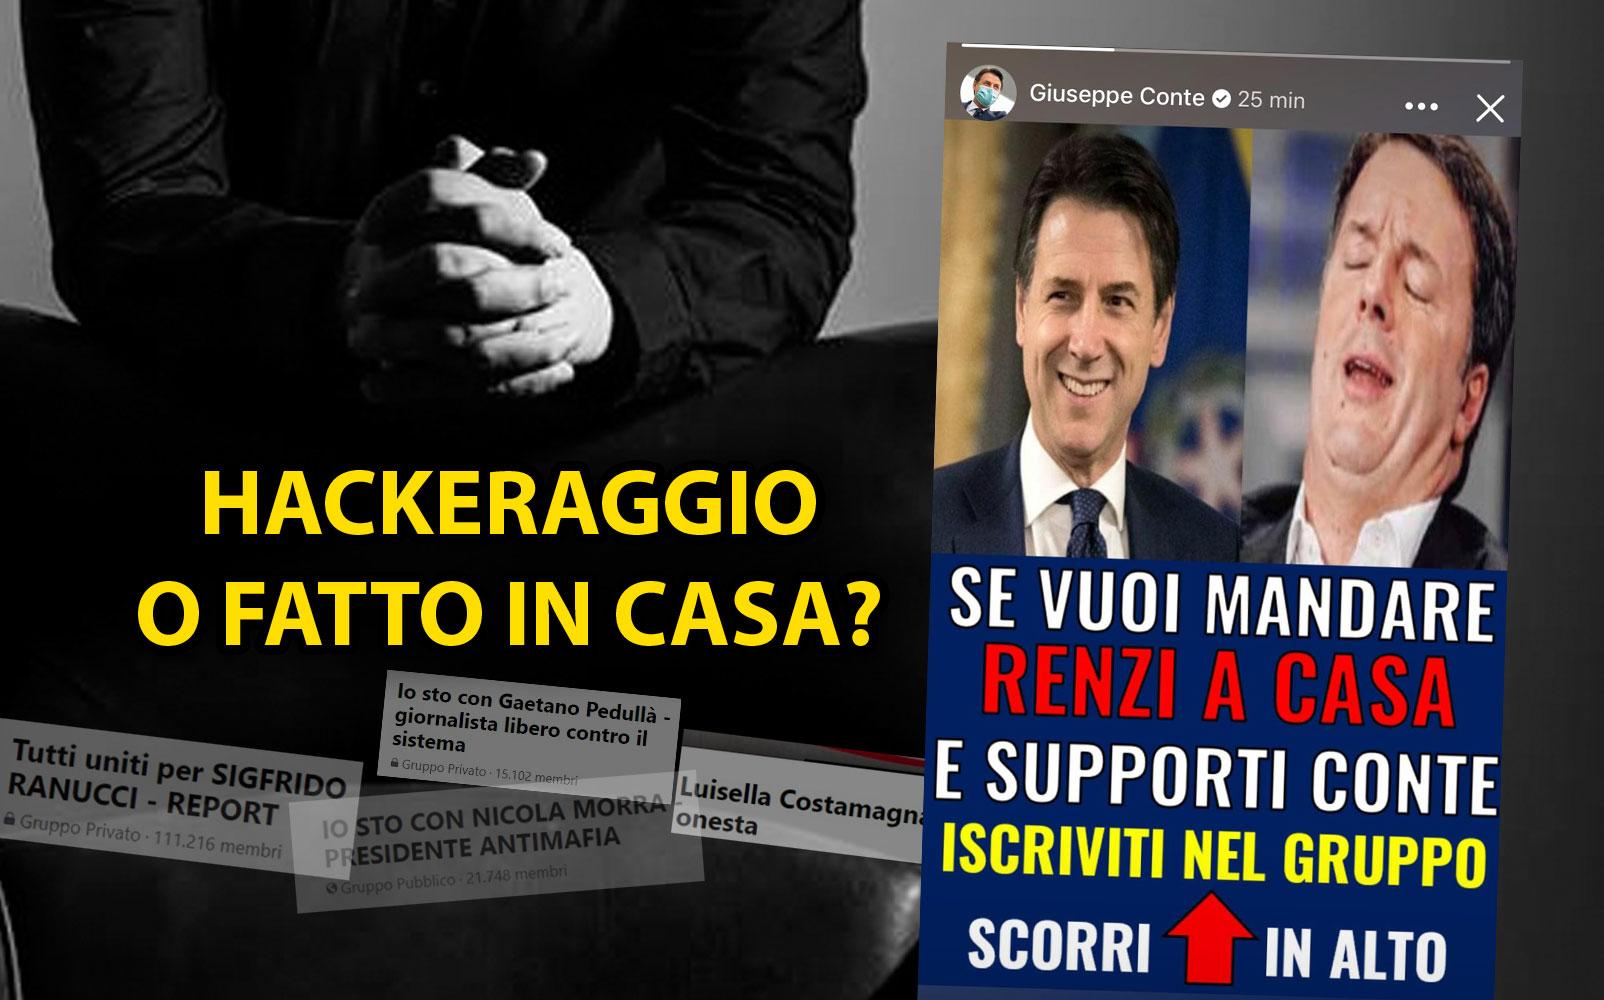 Un hackeraggio dietro la storia di Conte contro Renzi? Le strade social portano al Movimento 5 Stelle